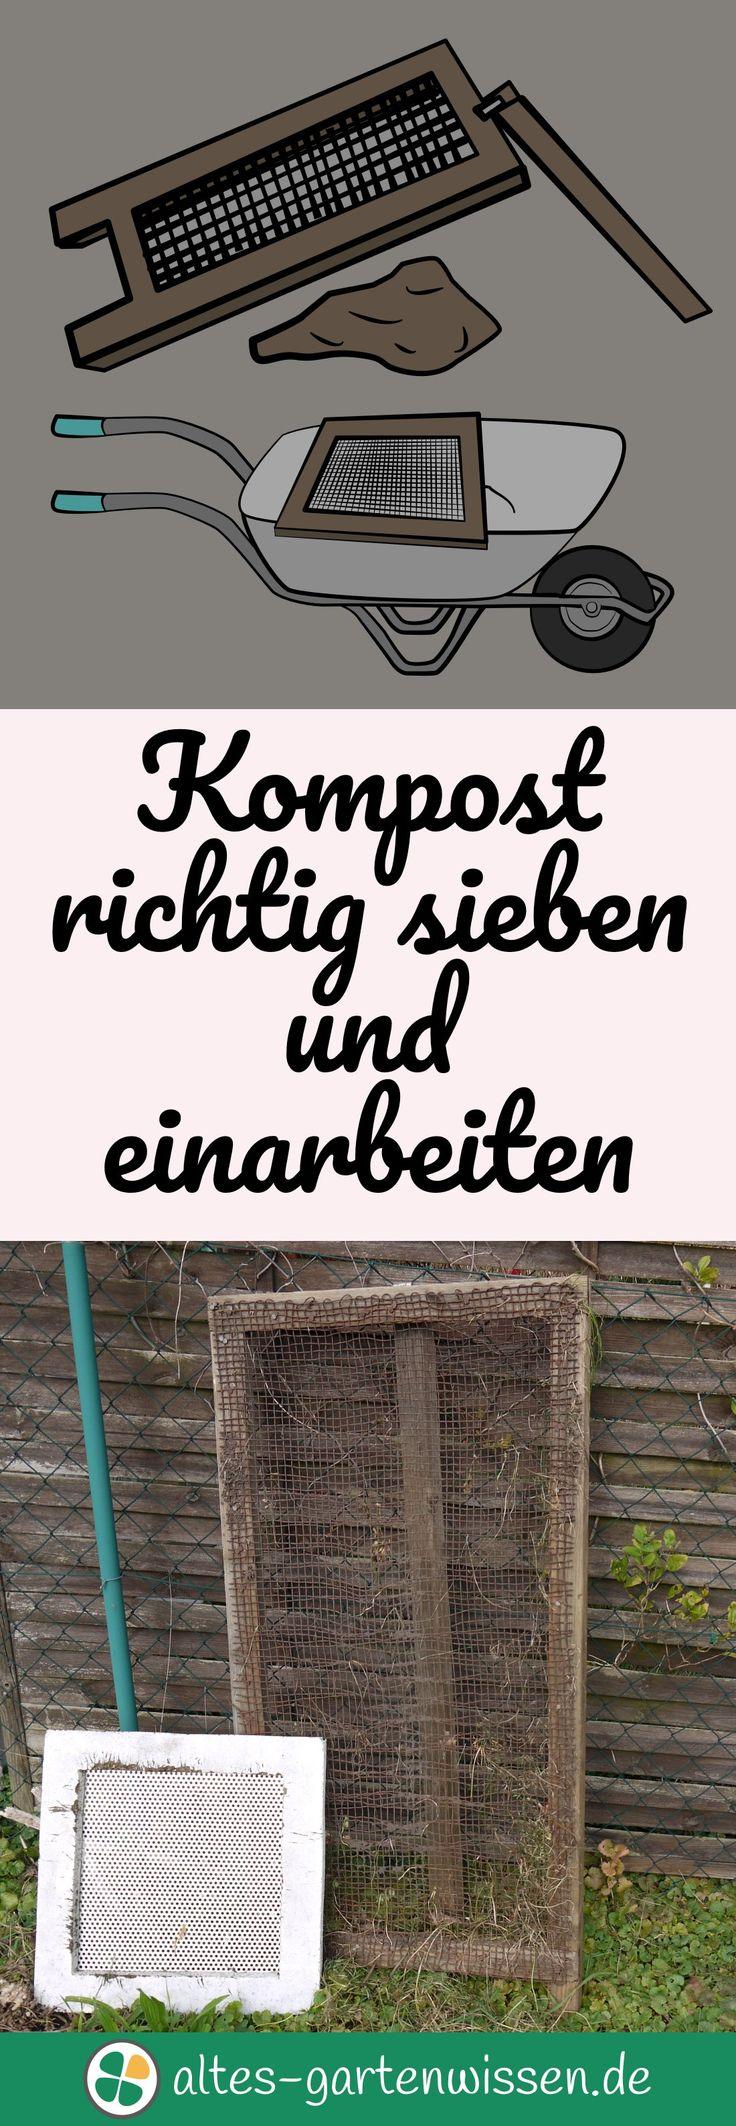 Kompost als Bodenverbesserer und Düngemittel muss richtig eingesetzt werden, um Vergärung im Boden zu verhindern. Außerdem kann sich der Gärtner viel Arbeit sparen, wenn er bedarfsorientiert handelt.